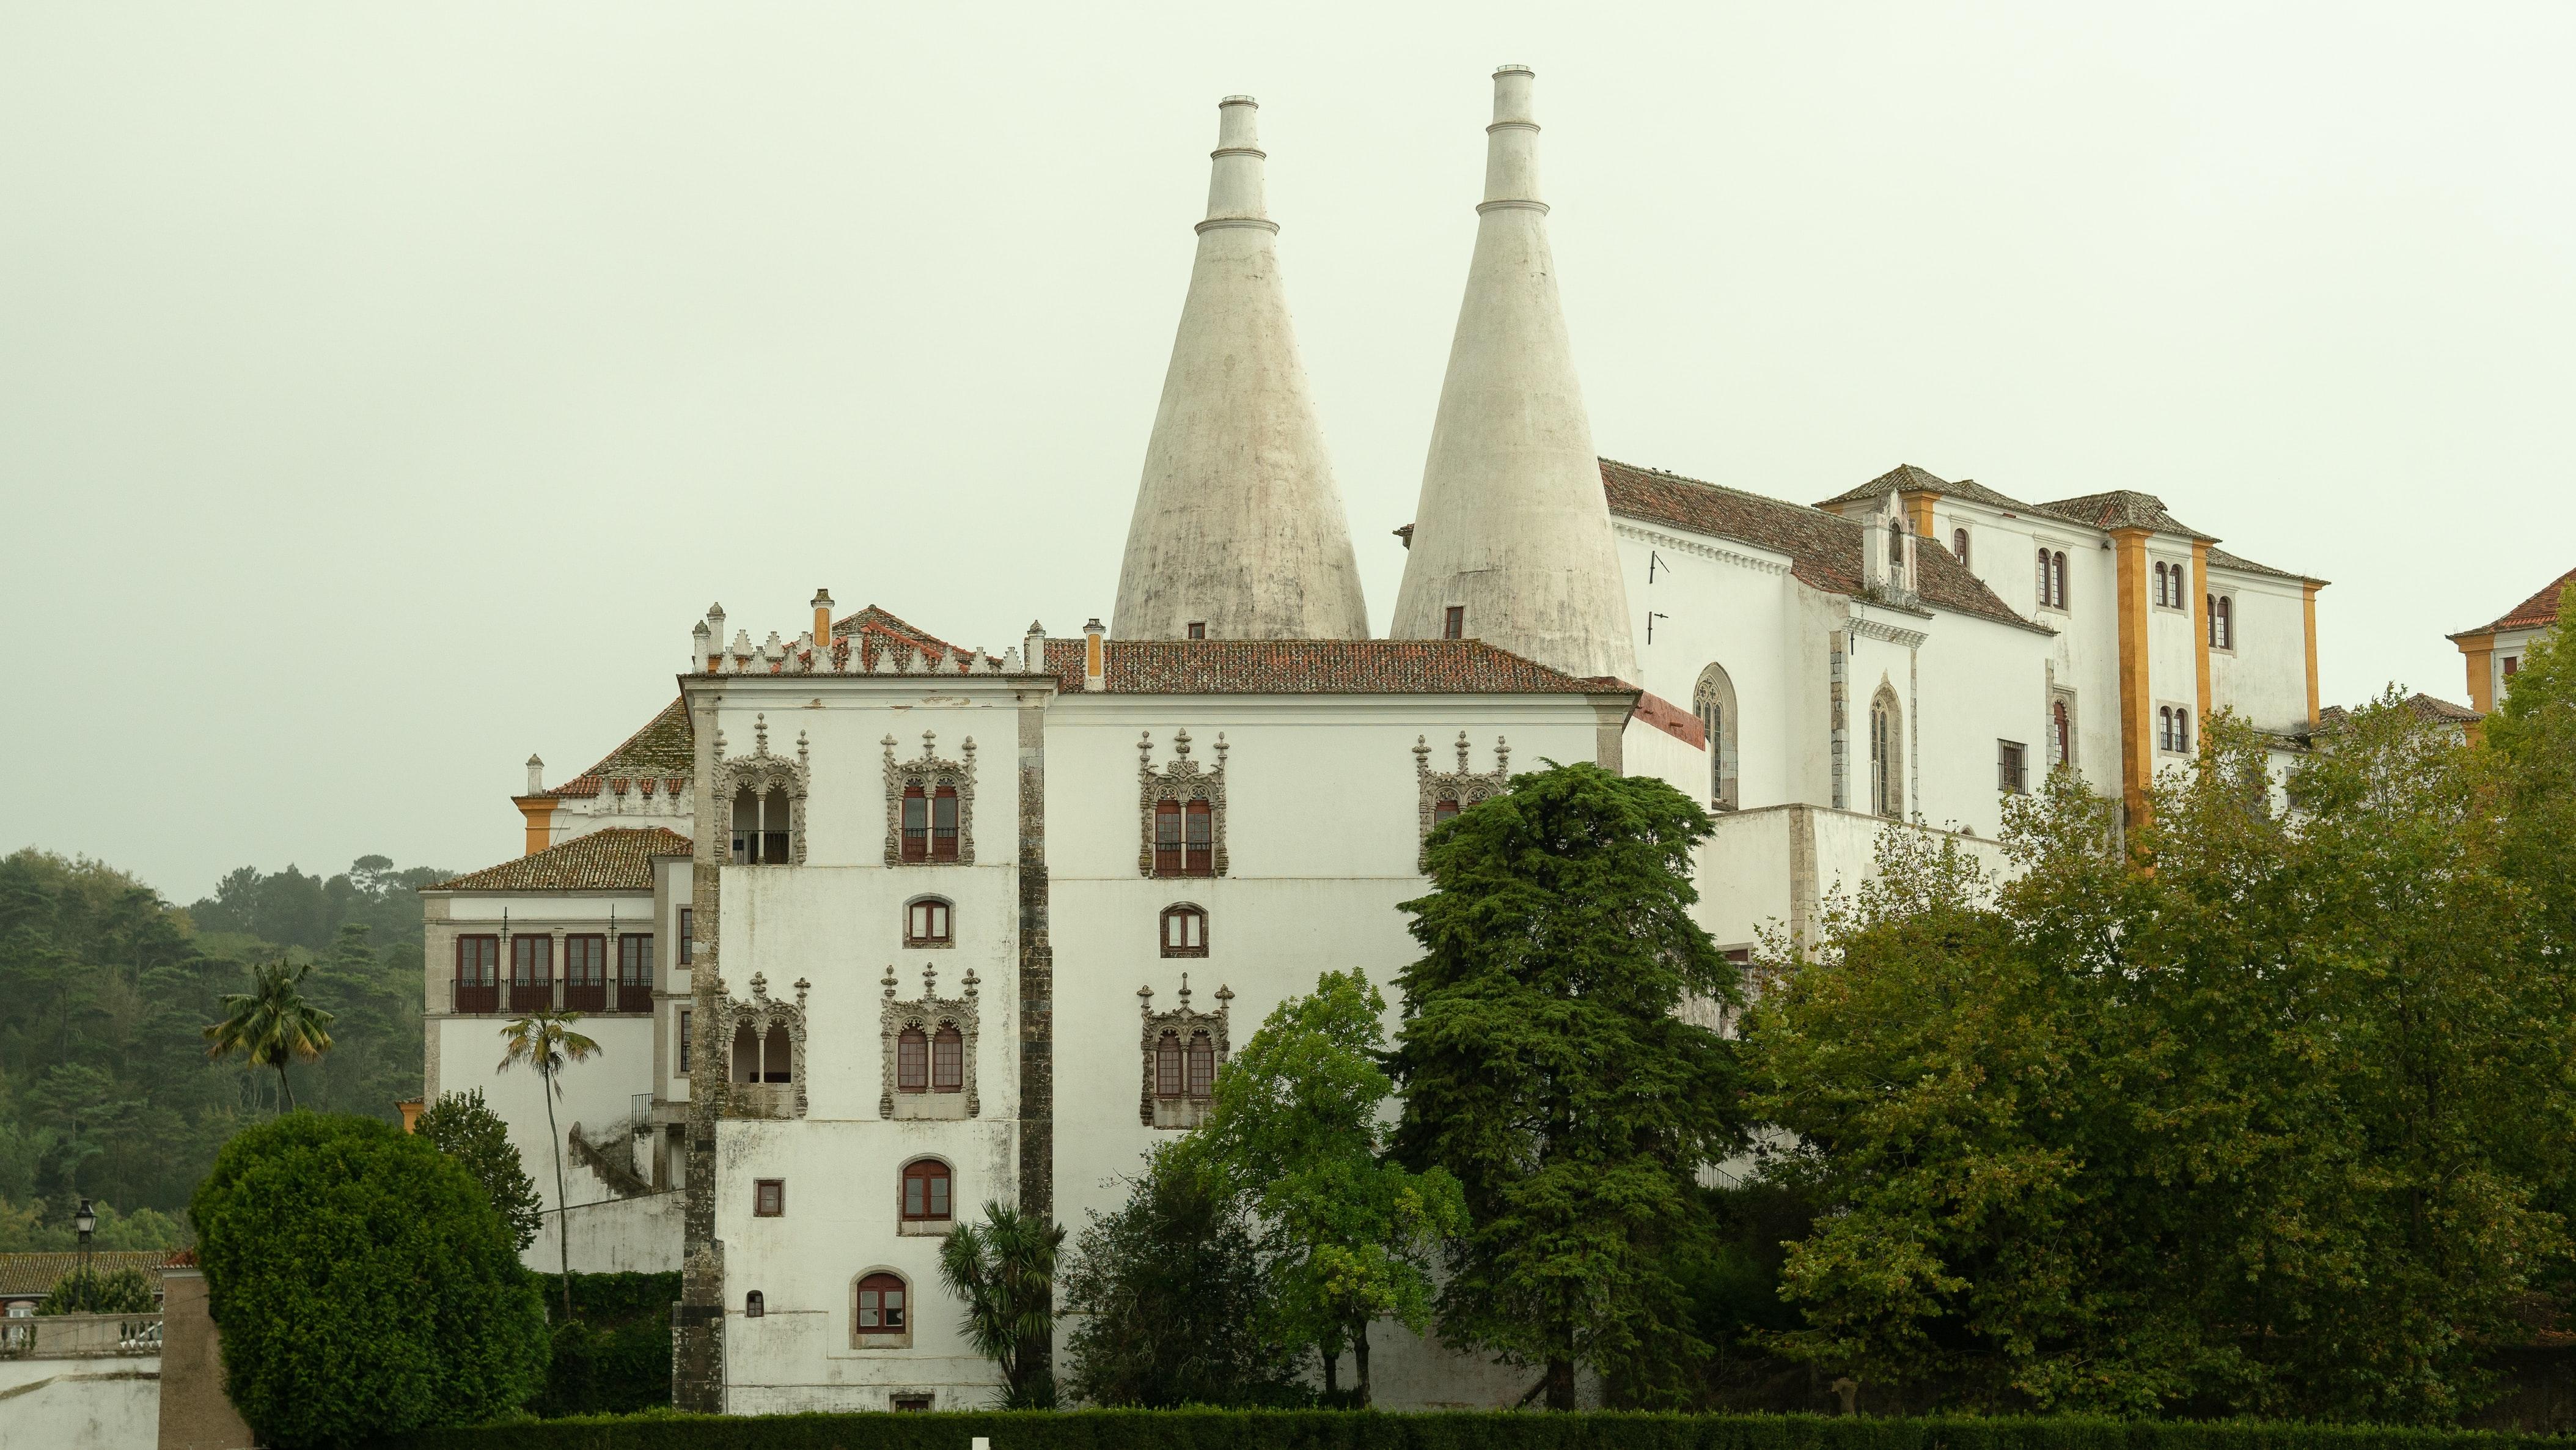 Visita Virtual Palácio Nacional de Sintra